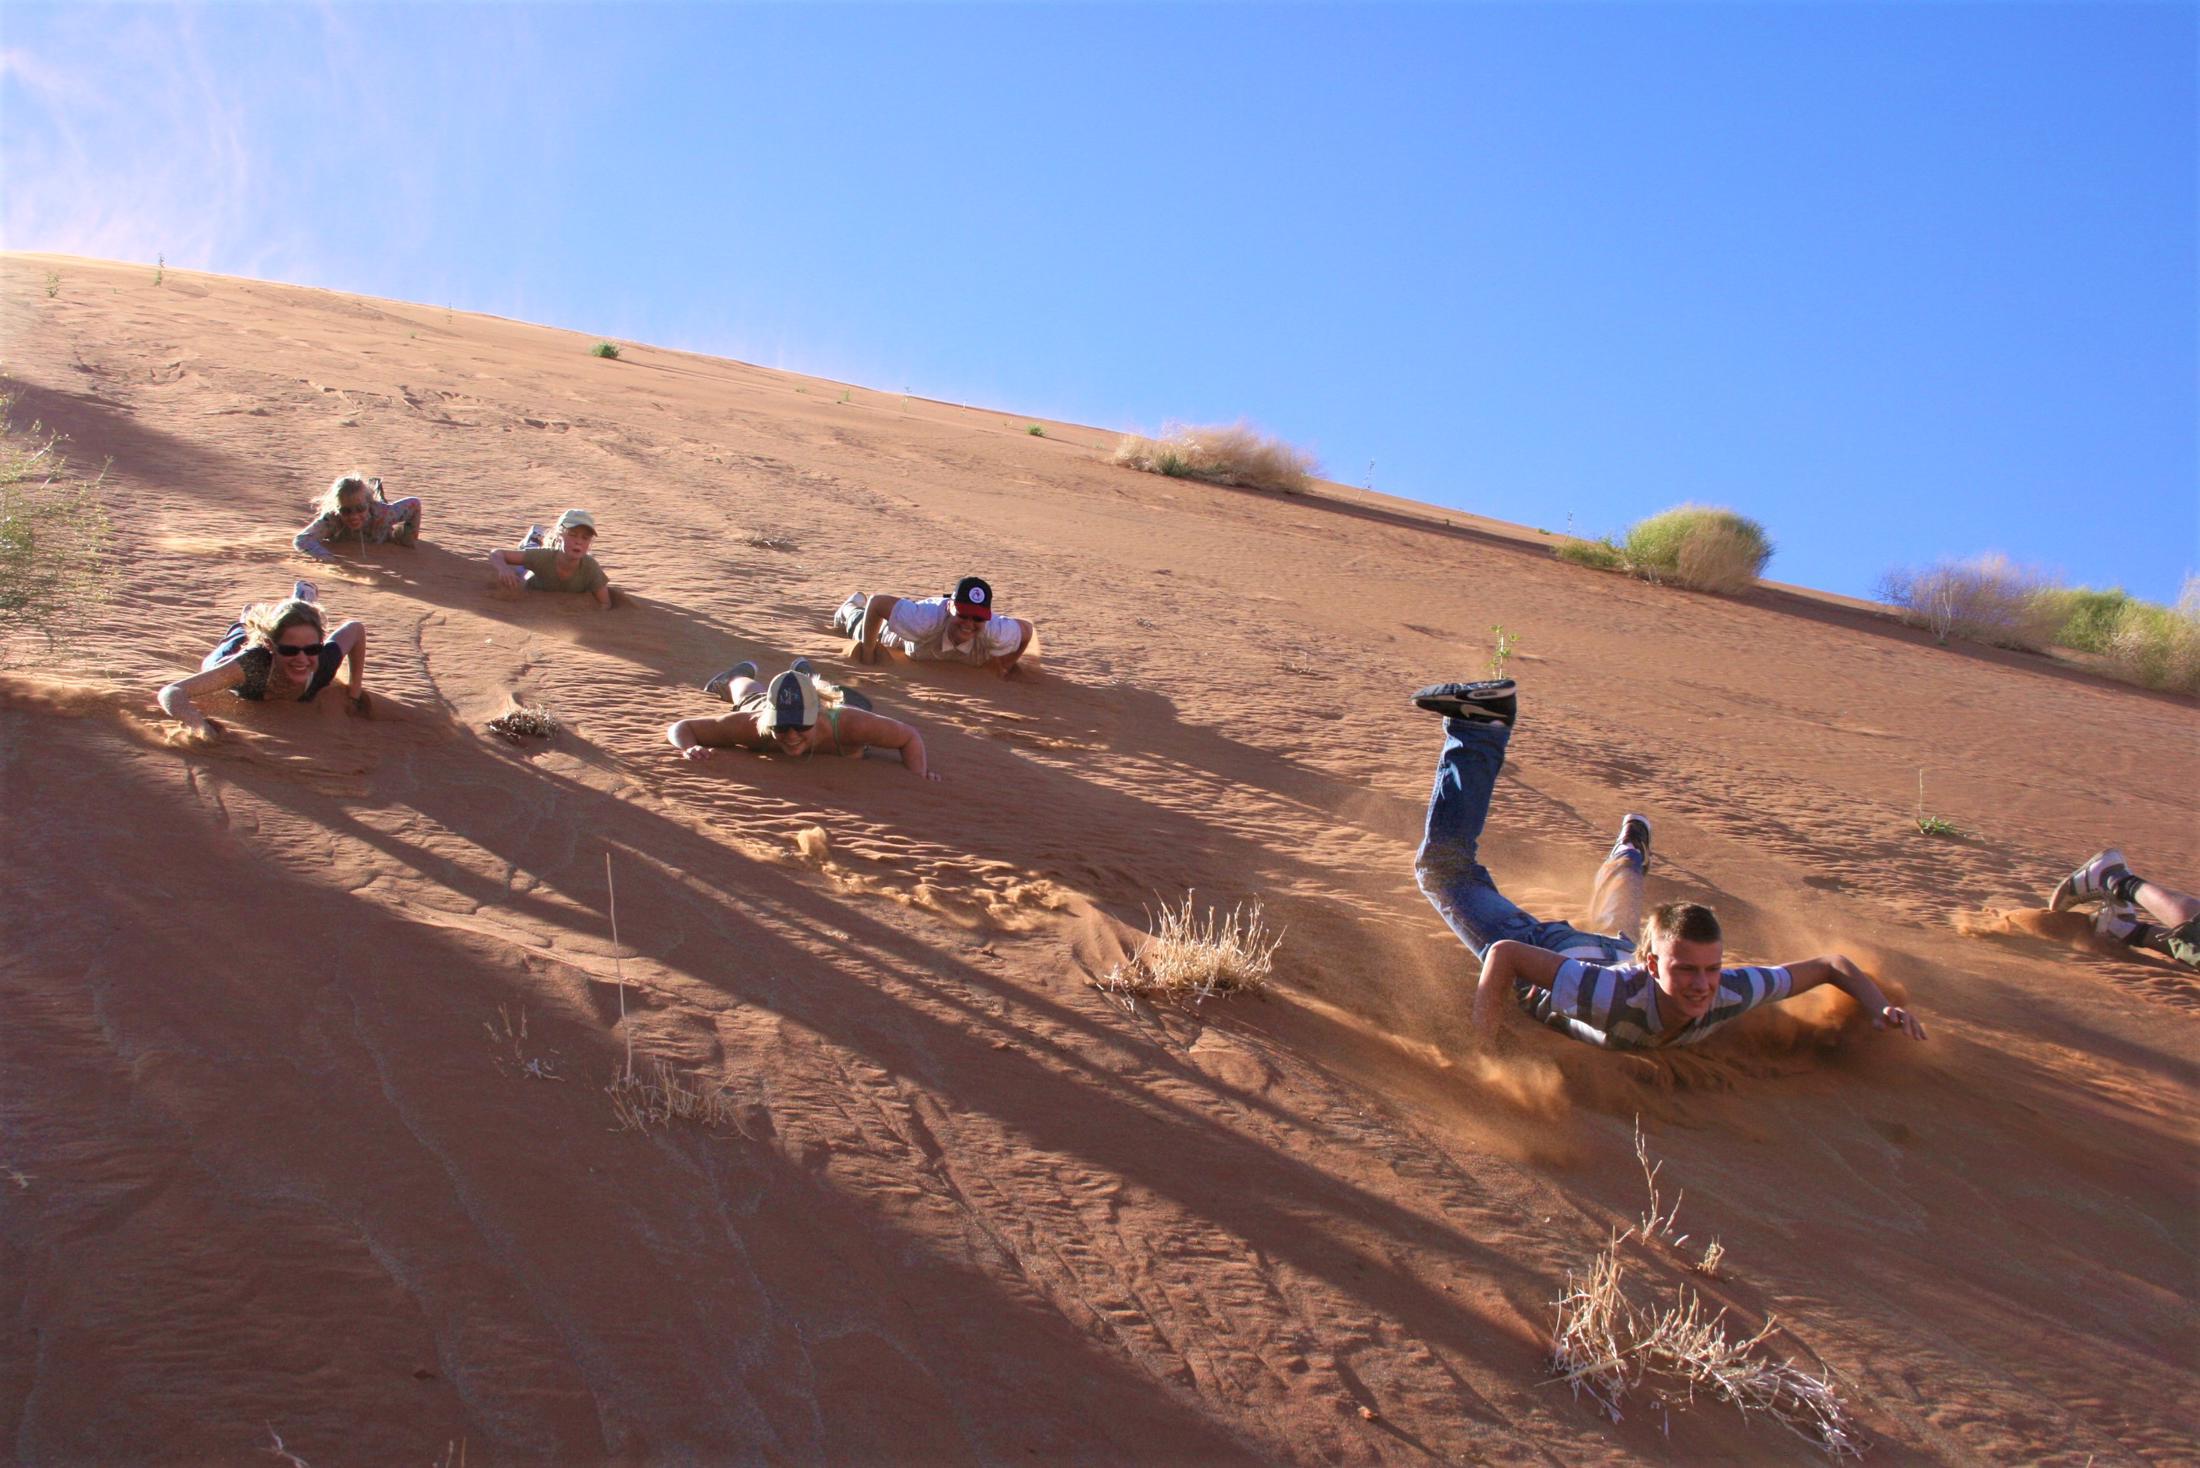 Sossusvlei - Van de duinen naar beneden glijden